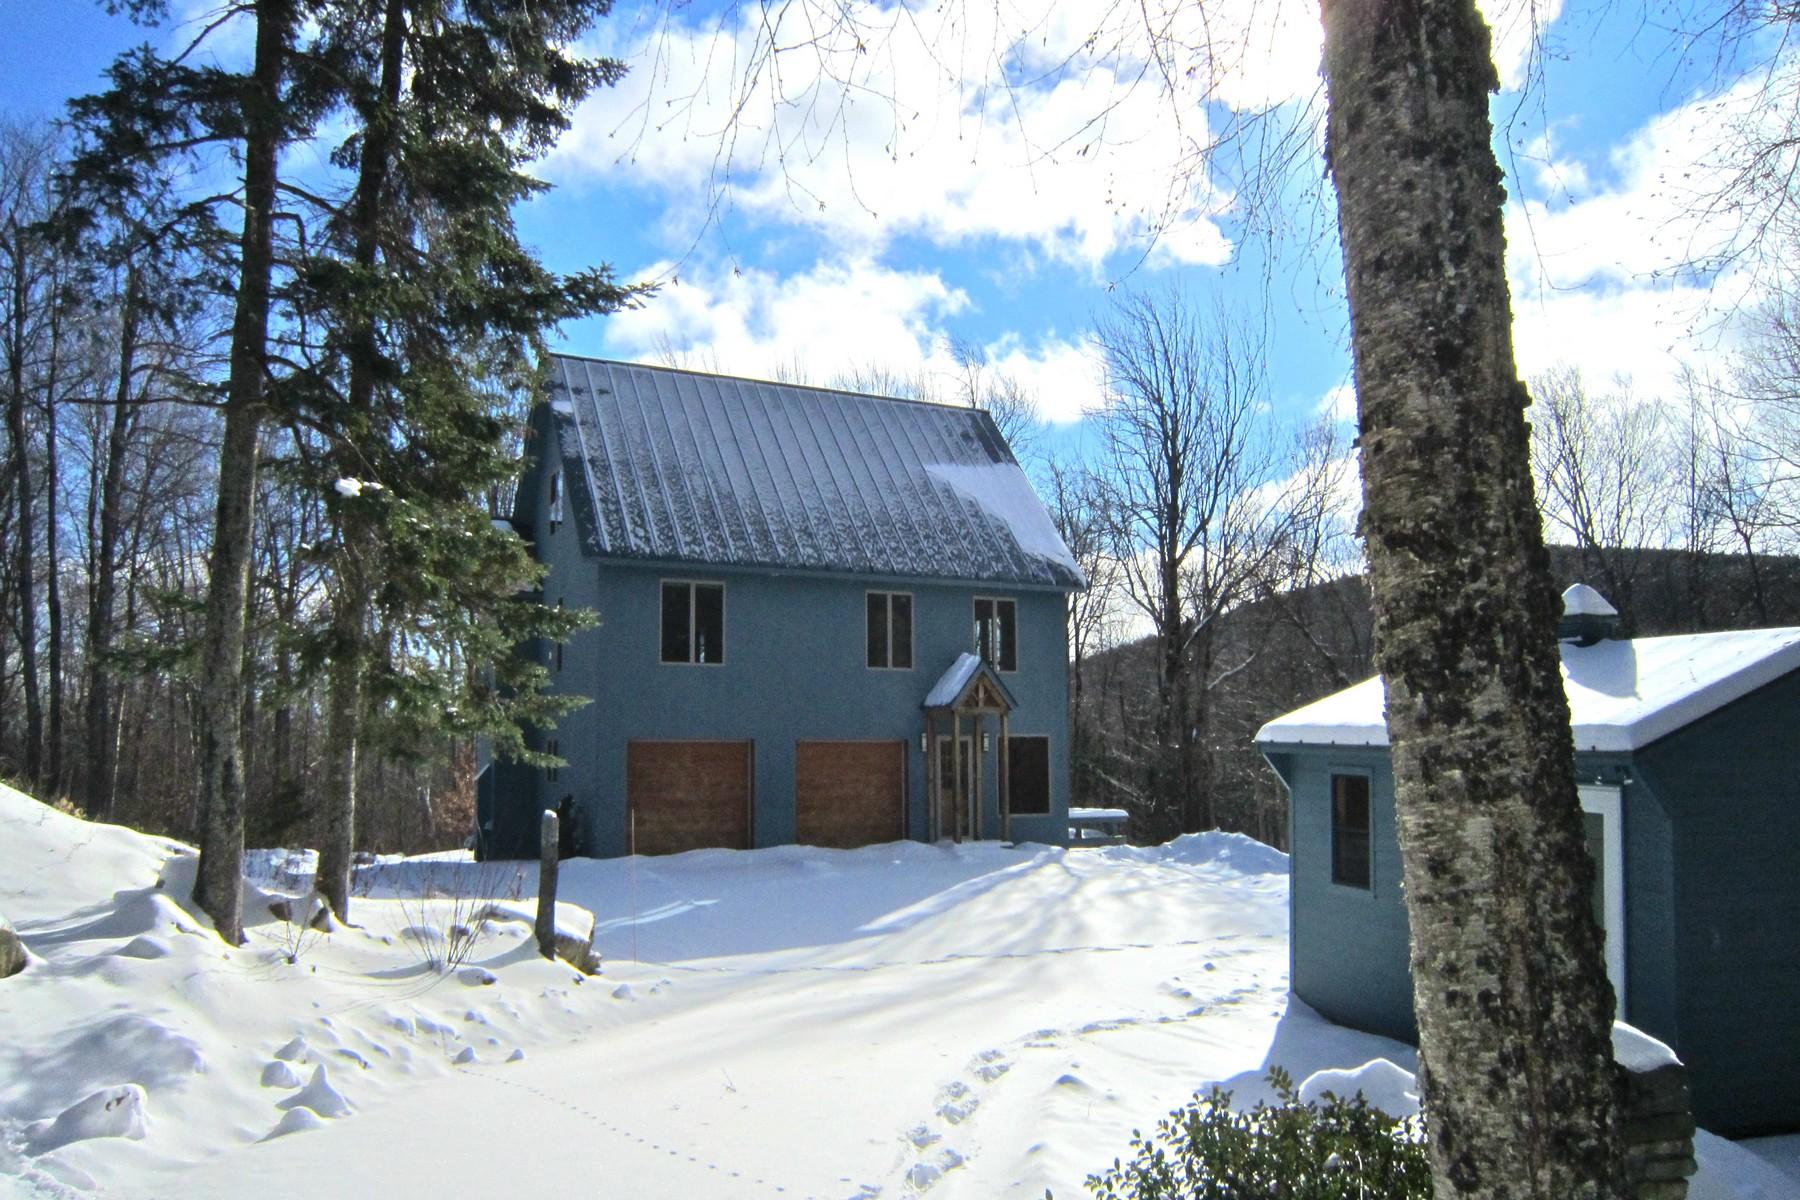 Частный односемейный дом для того Продажа на Exquisite Davis Frome on 29 Acres 749 Old Weston Mountain, Ludlow, Вермонт, 05149 Соединенные Штаты